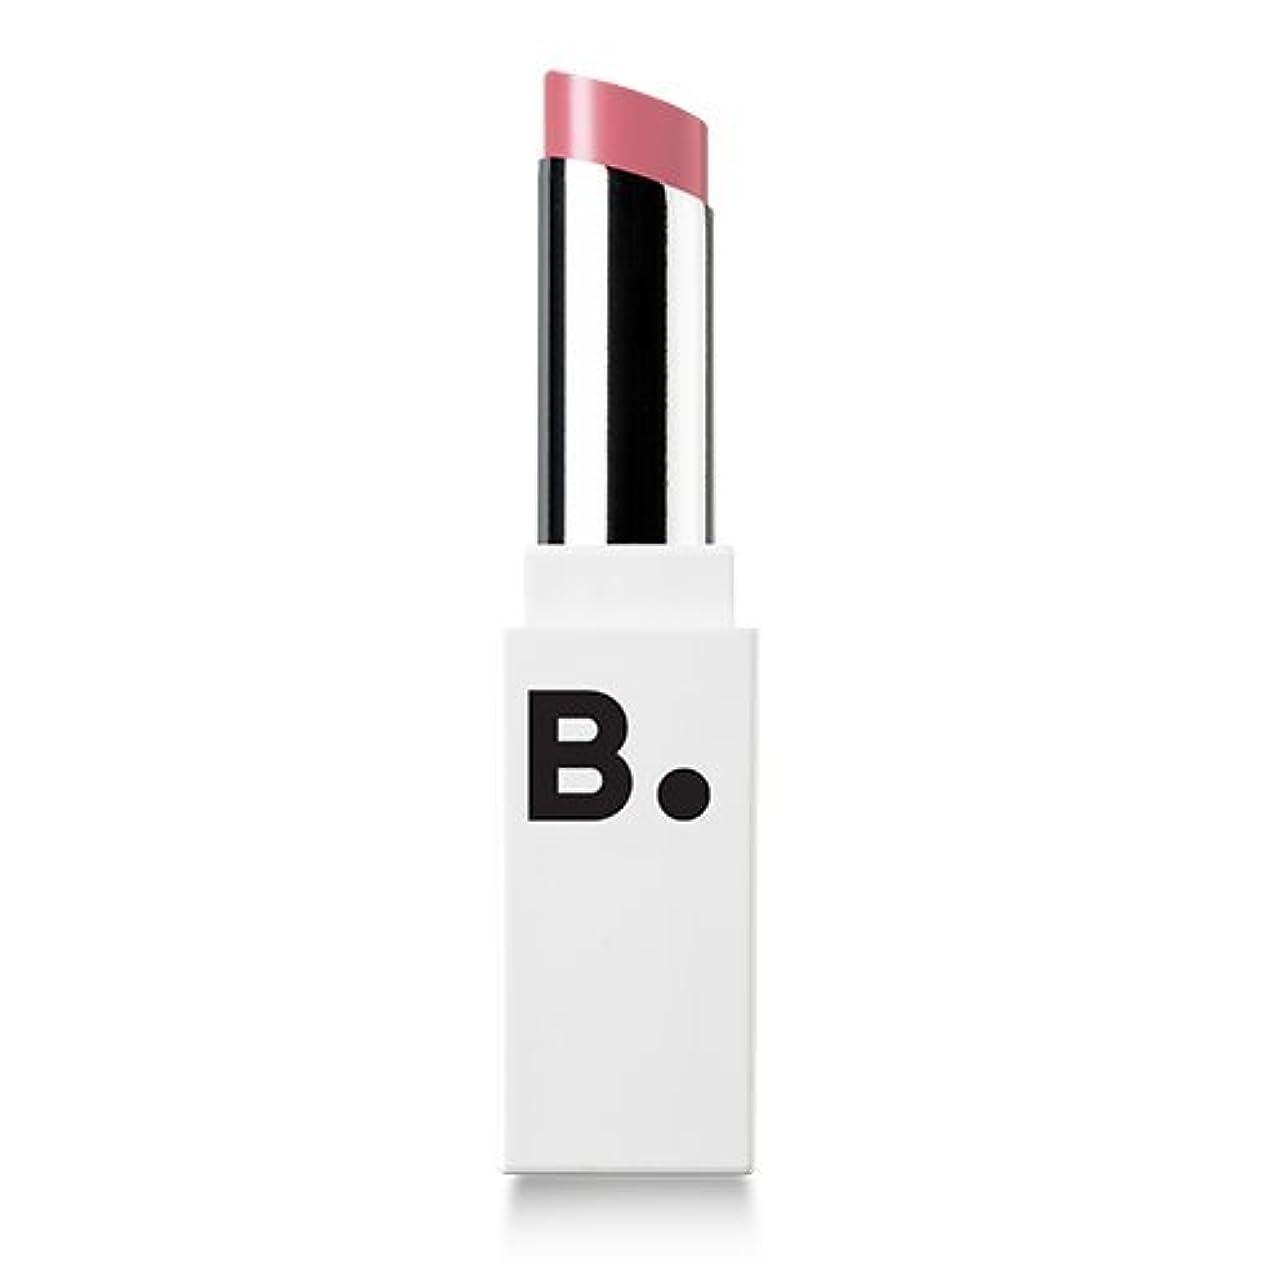 十分な地雷原十億BANILA CO Lip Draw Melting Serum Stick 4.2g/バニラコ リップ ドロー メルティング セラム スティック 4.2g (#SPK04 Hollywood Nude) [並行輸入品]